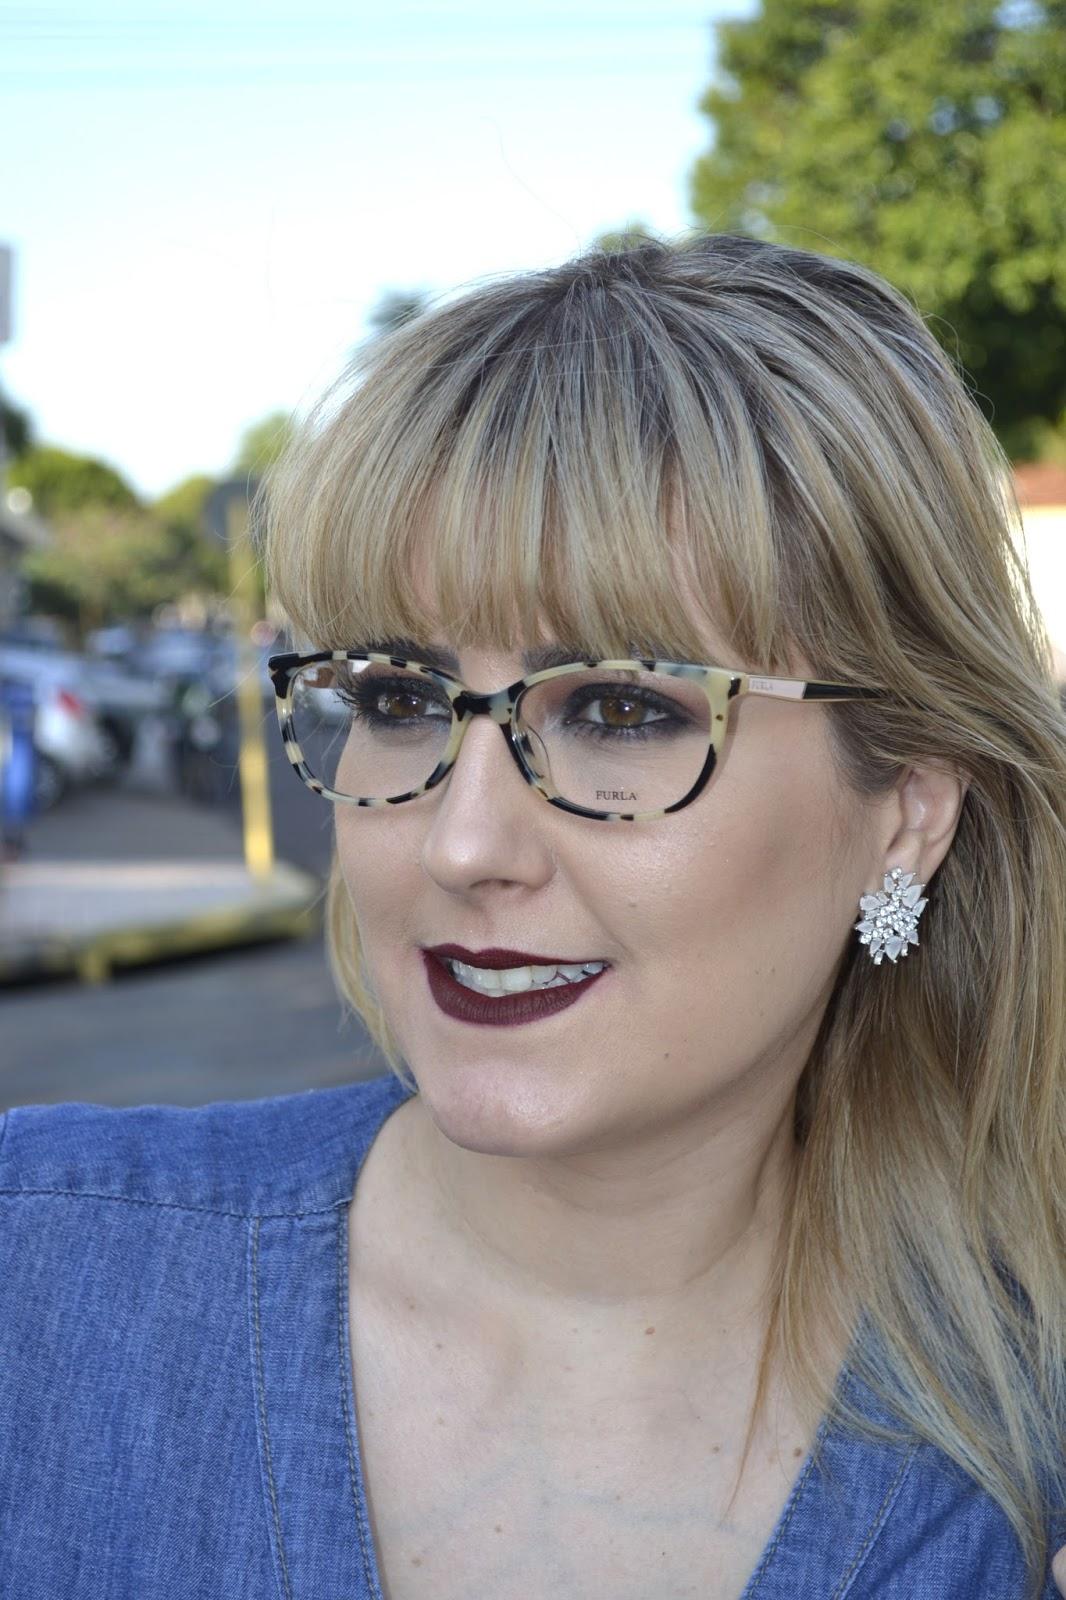 Armações para óculos de grau, super estilizadas e modernas, das marcas  Carolina Herrera, Police, Furla, Ana Hickman. 837512d866